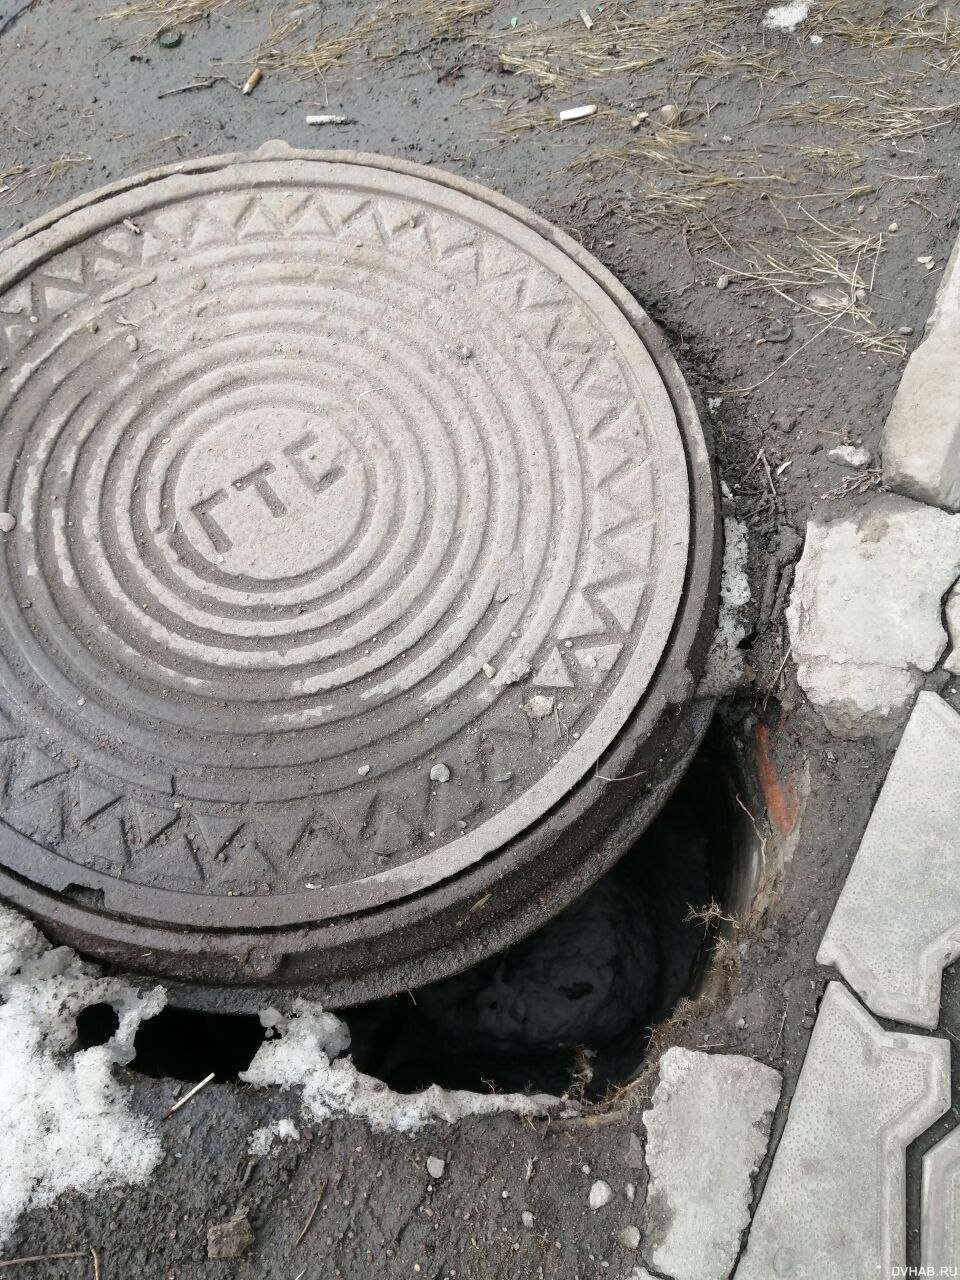 Хабаровск получил 565 миллионов рублей на ремонт дорог